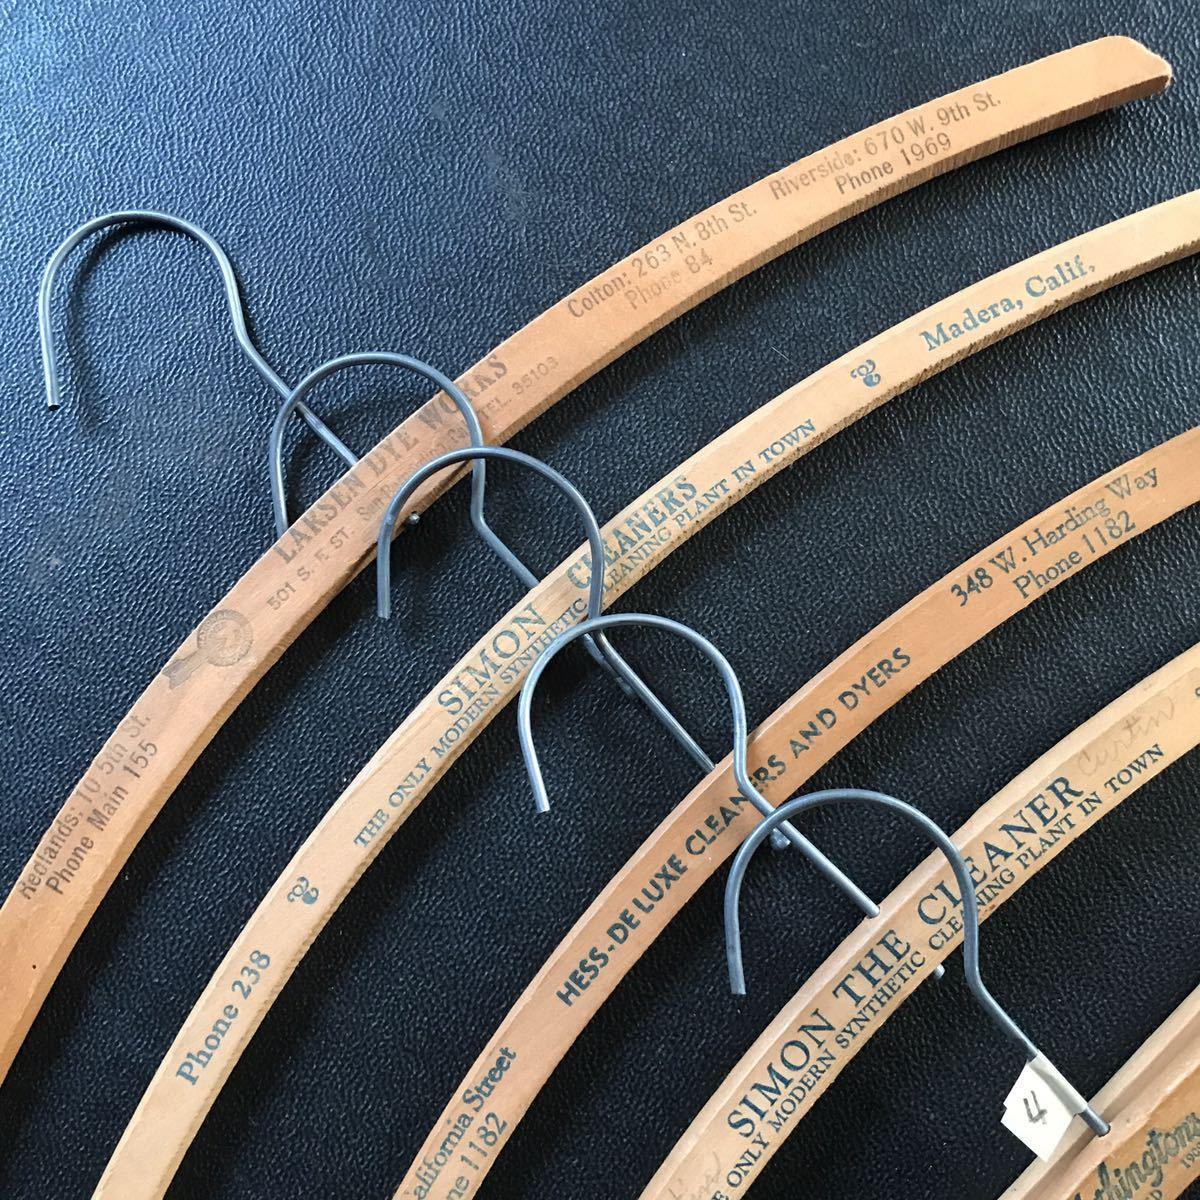 ハンガー セット アメリカ ビンテージ 古着 アンティーク USA 店舗什器 まとめて ジャンク 40s 50s 60s ウッド 木製 家具 4_画像2